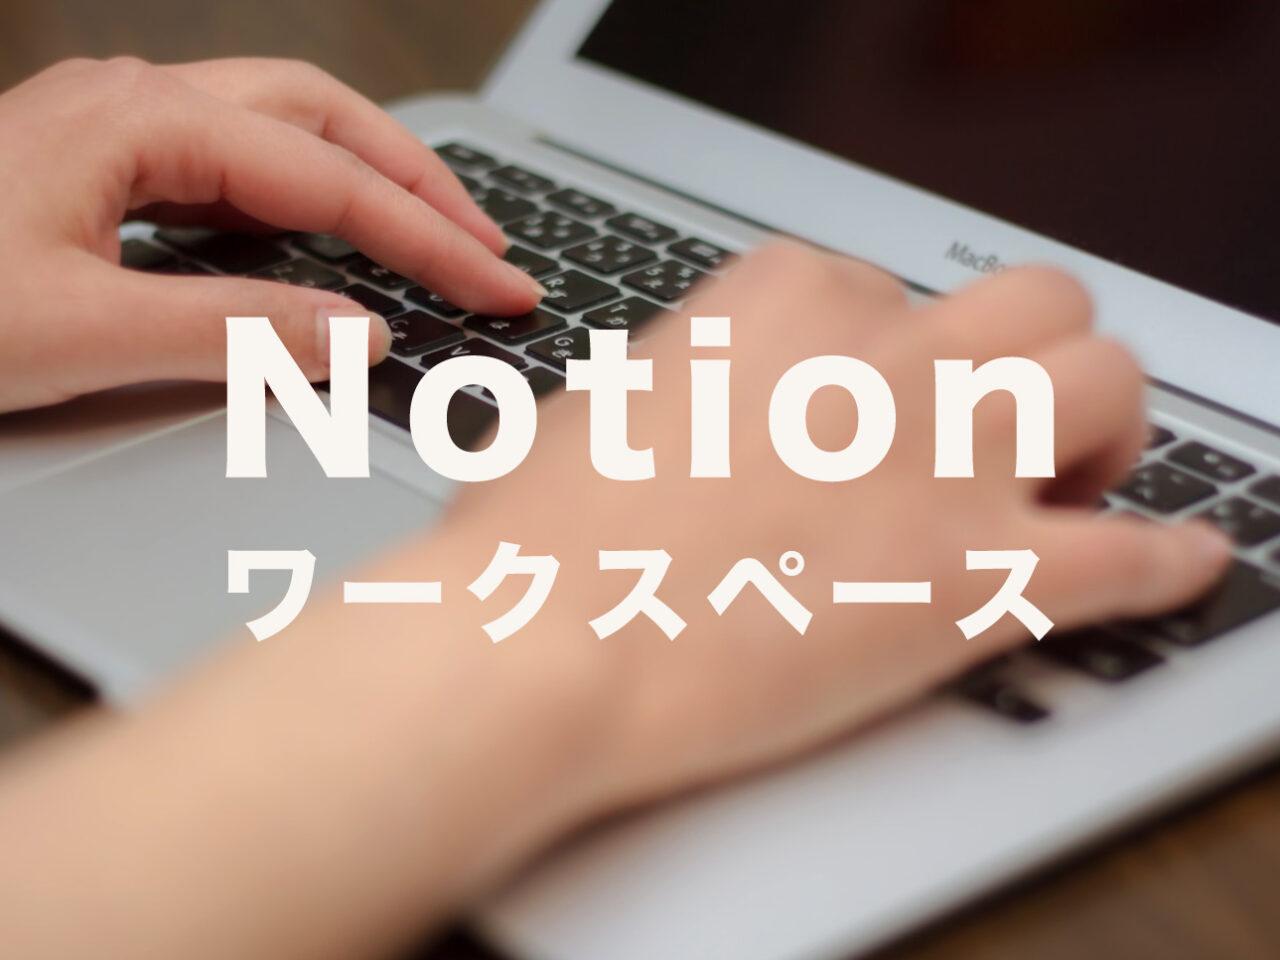 Notion(ノーション)のワークスペースを複数追加で作成するやり方は?のサムネイル画像